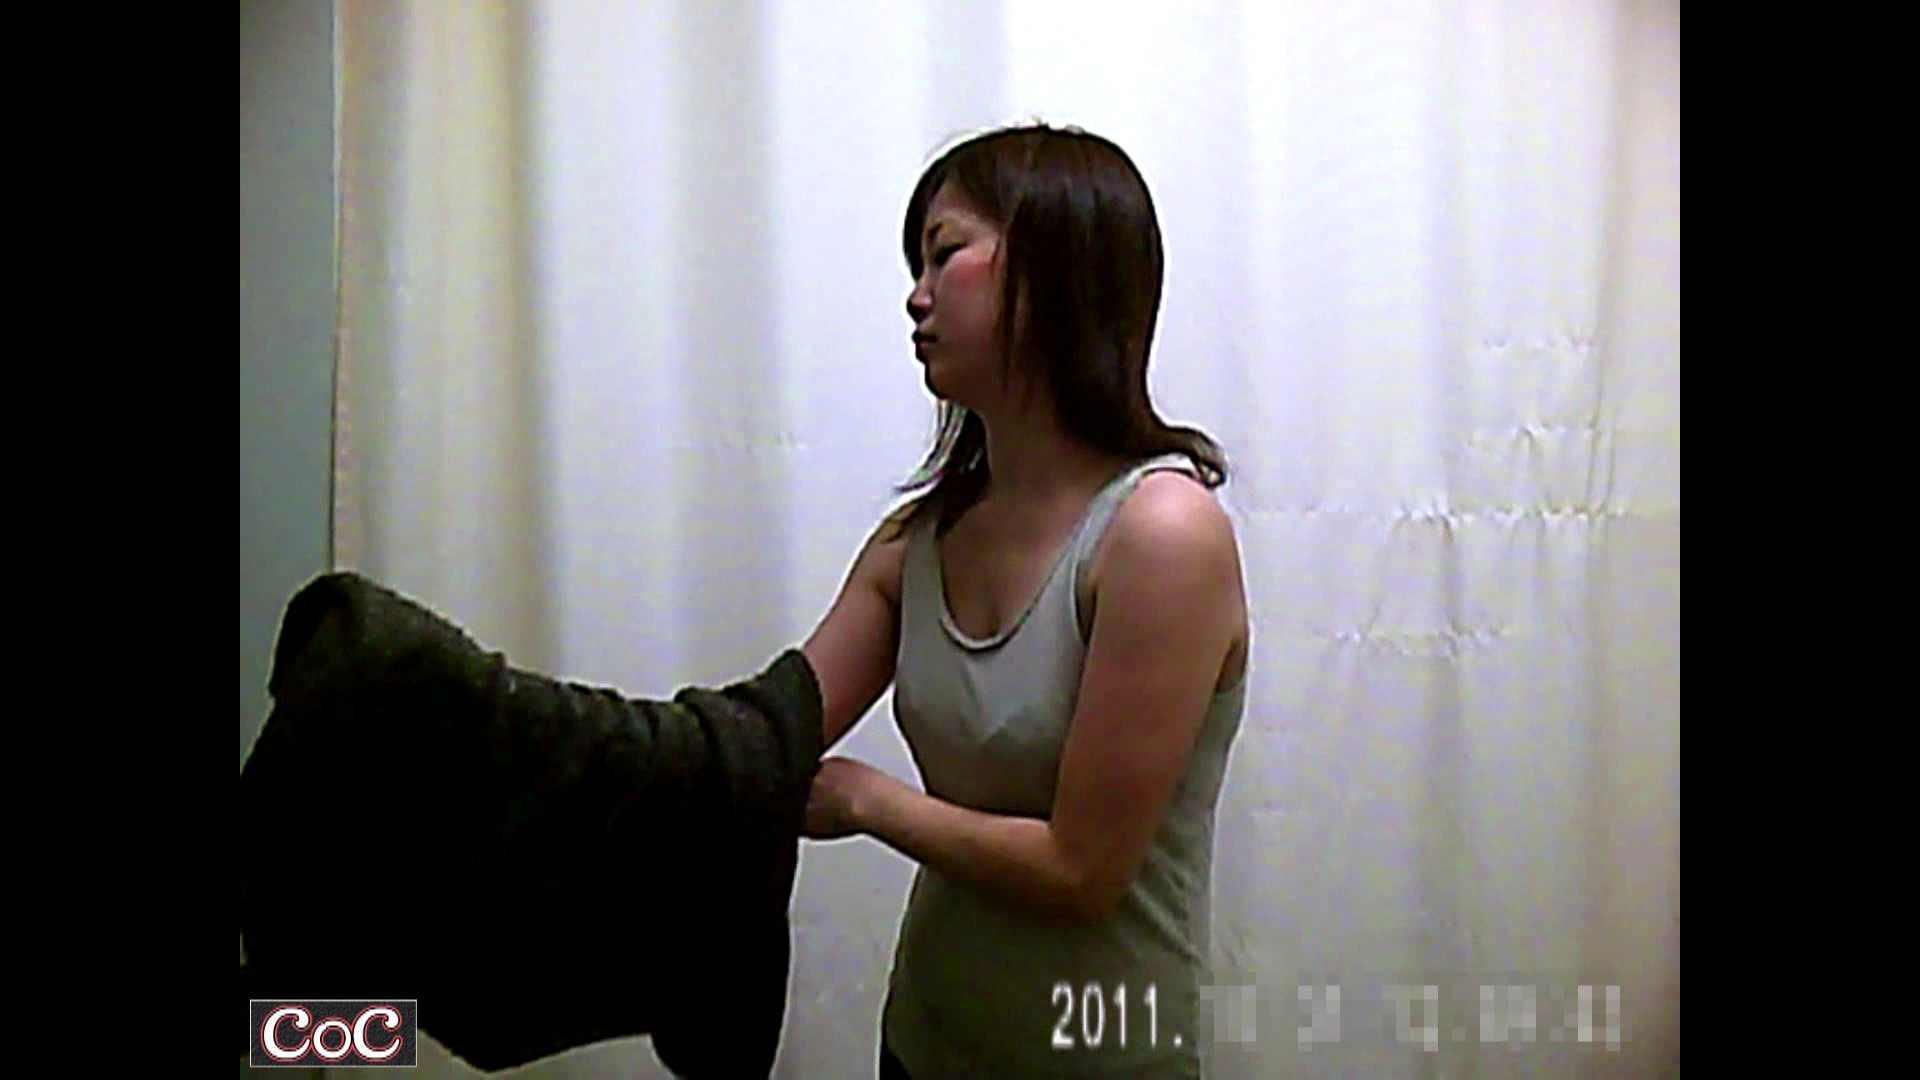 病院おもいっきり着替え! vol.77 巨乳 AV無料動画キャプチャ 81PIX 18